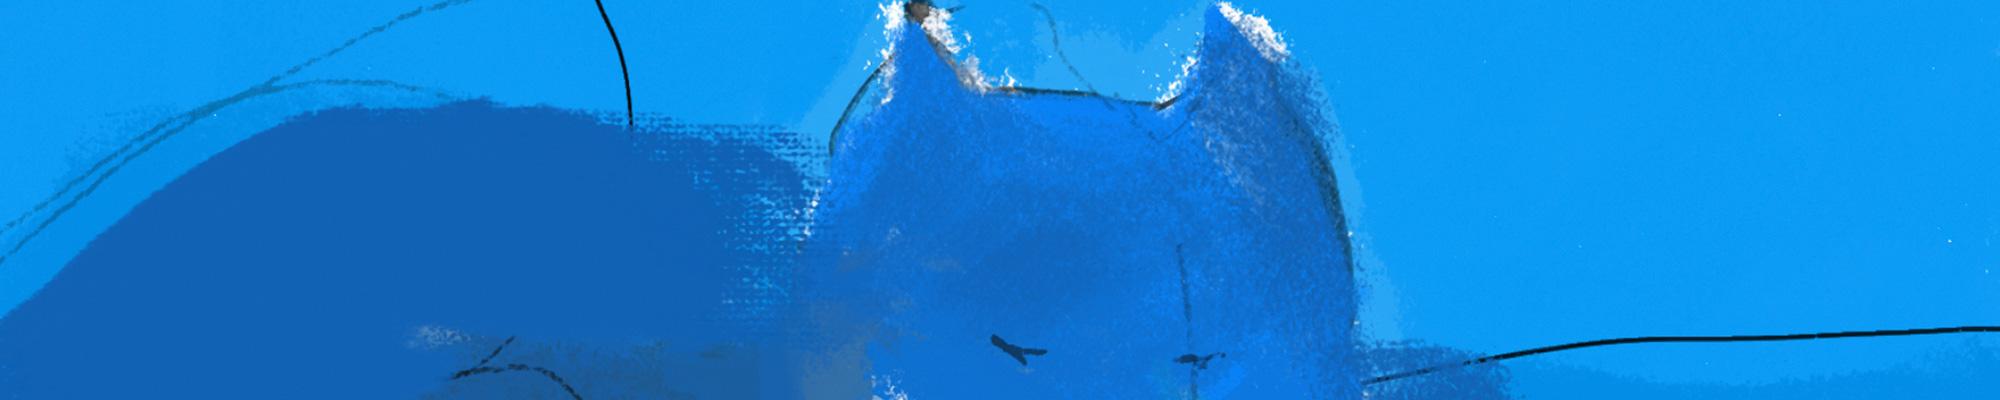 Dusty in blue © 2021 Anne-Riet de Boer